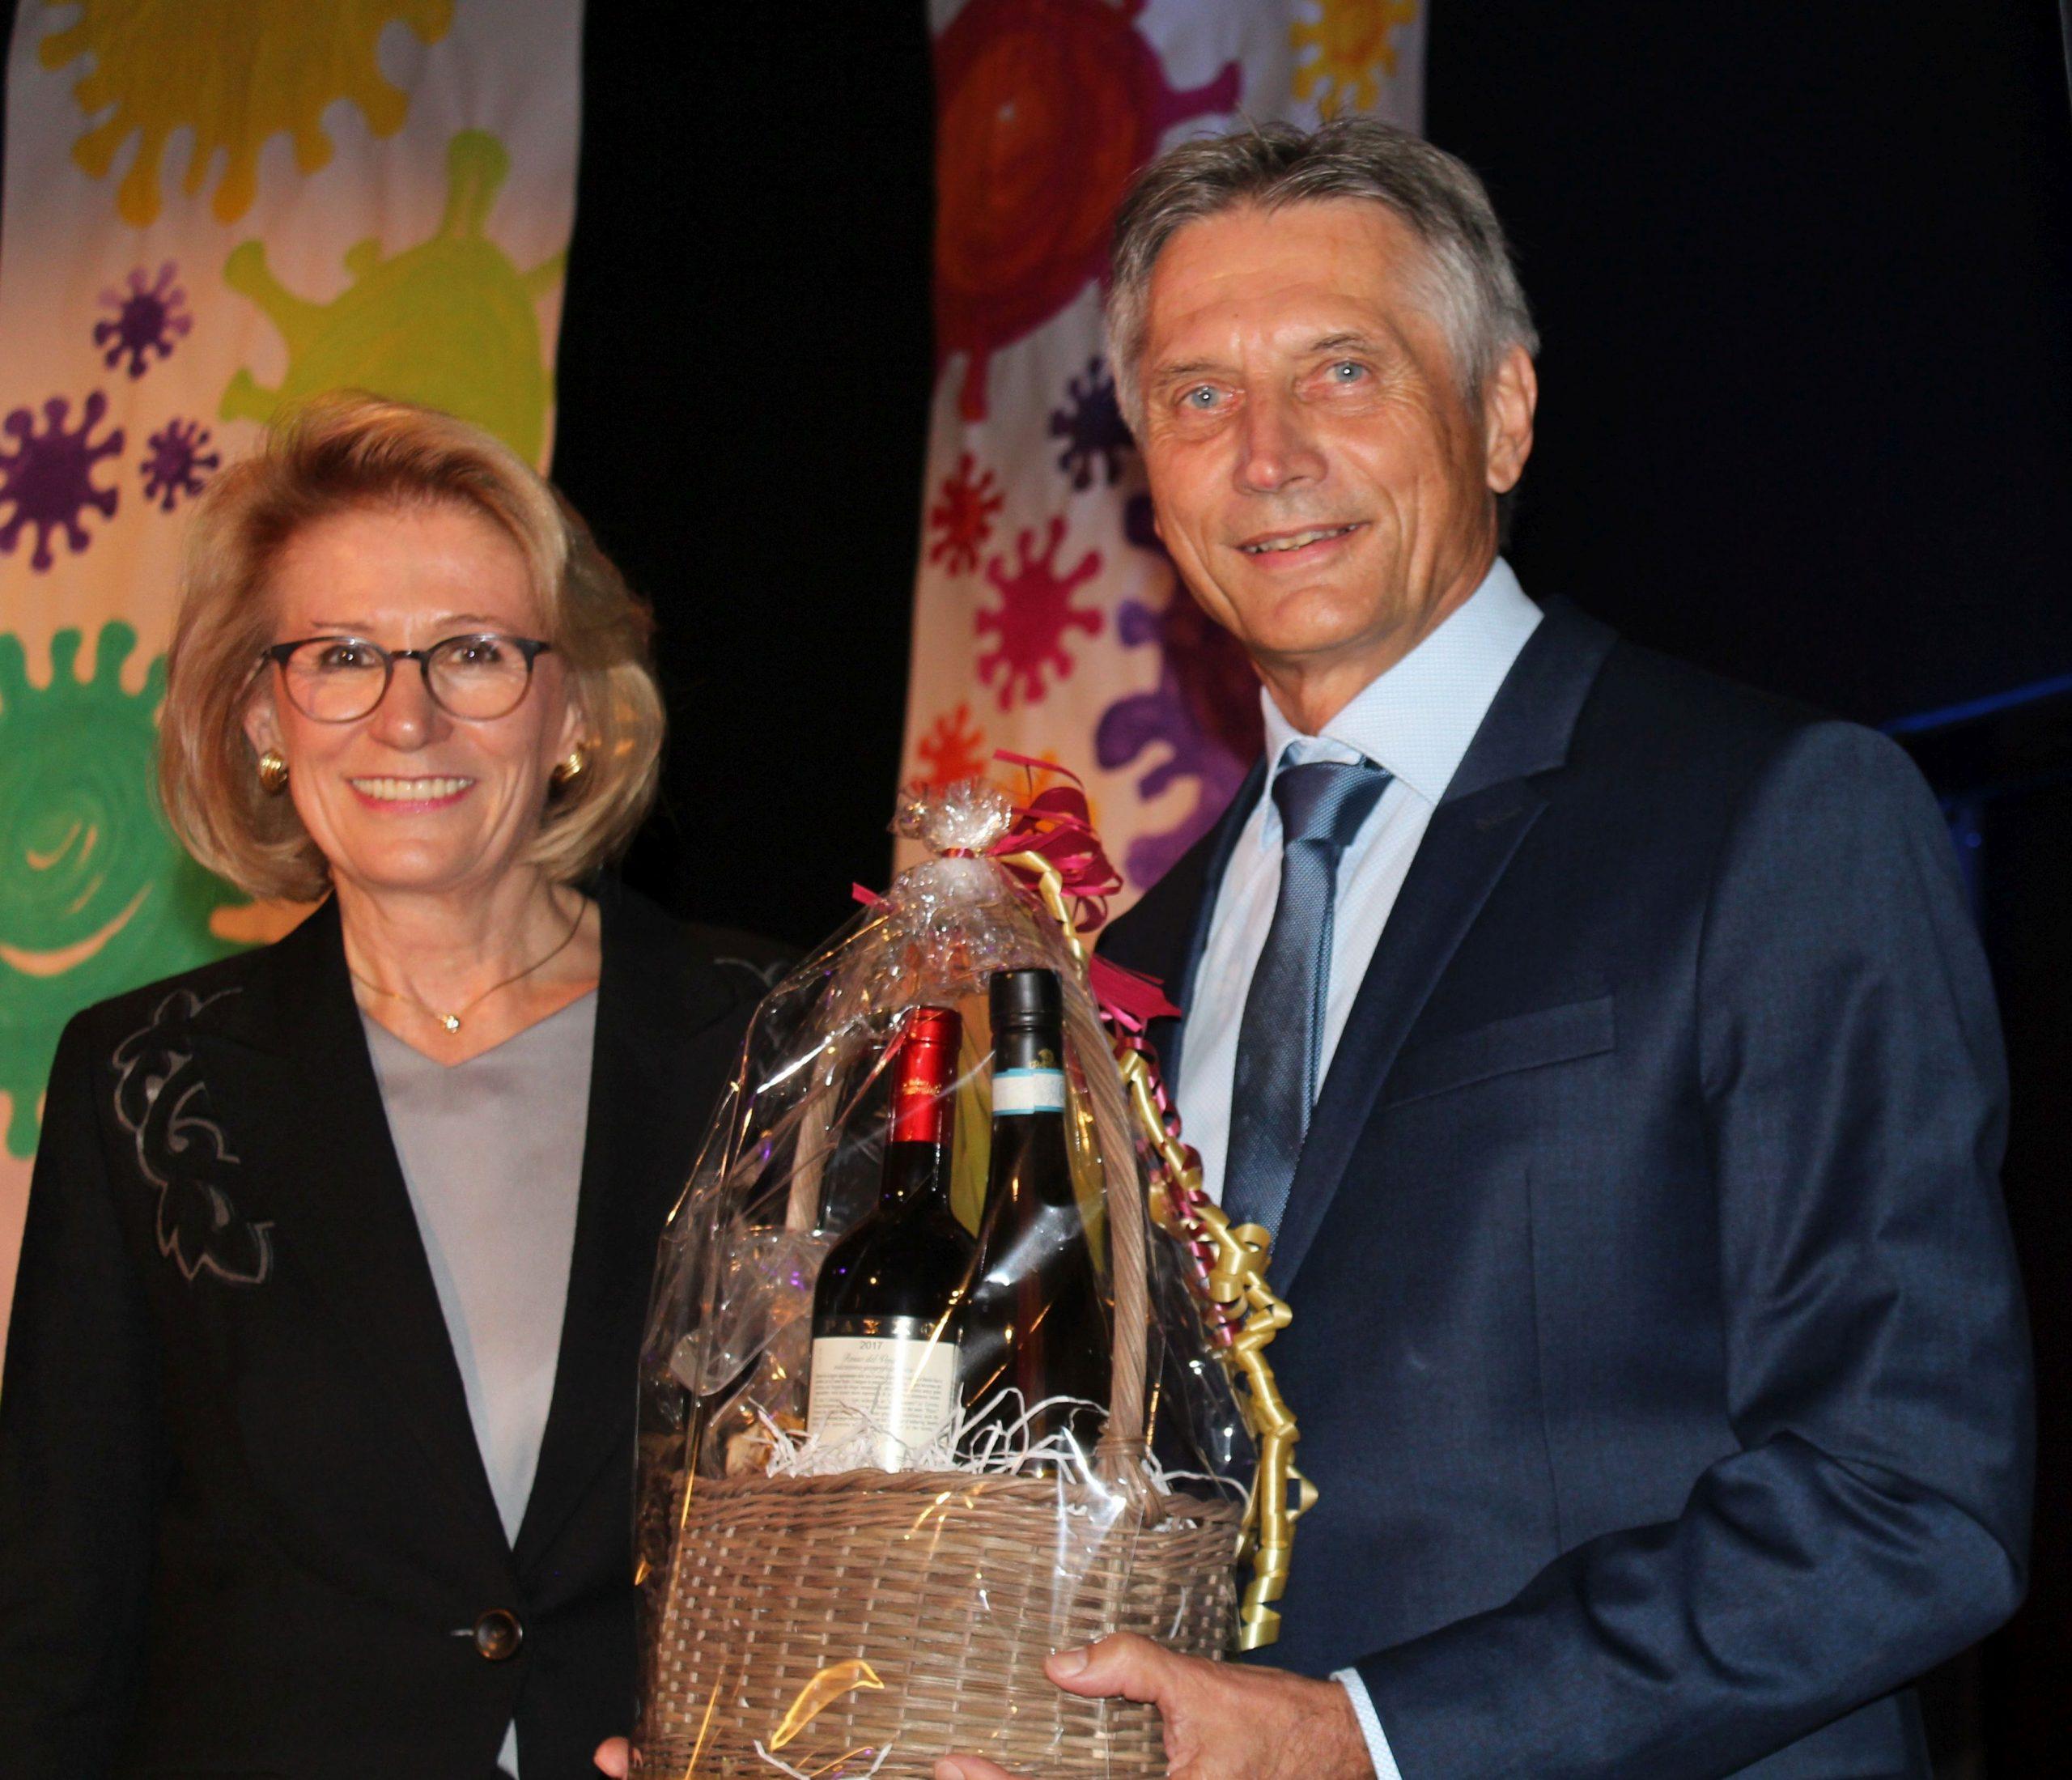 Festakt zur Verabschiedung des Sonderschulrektors Frank Kuroschinski